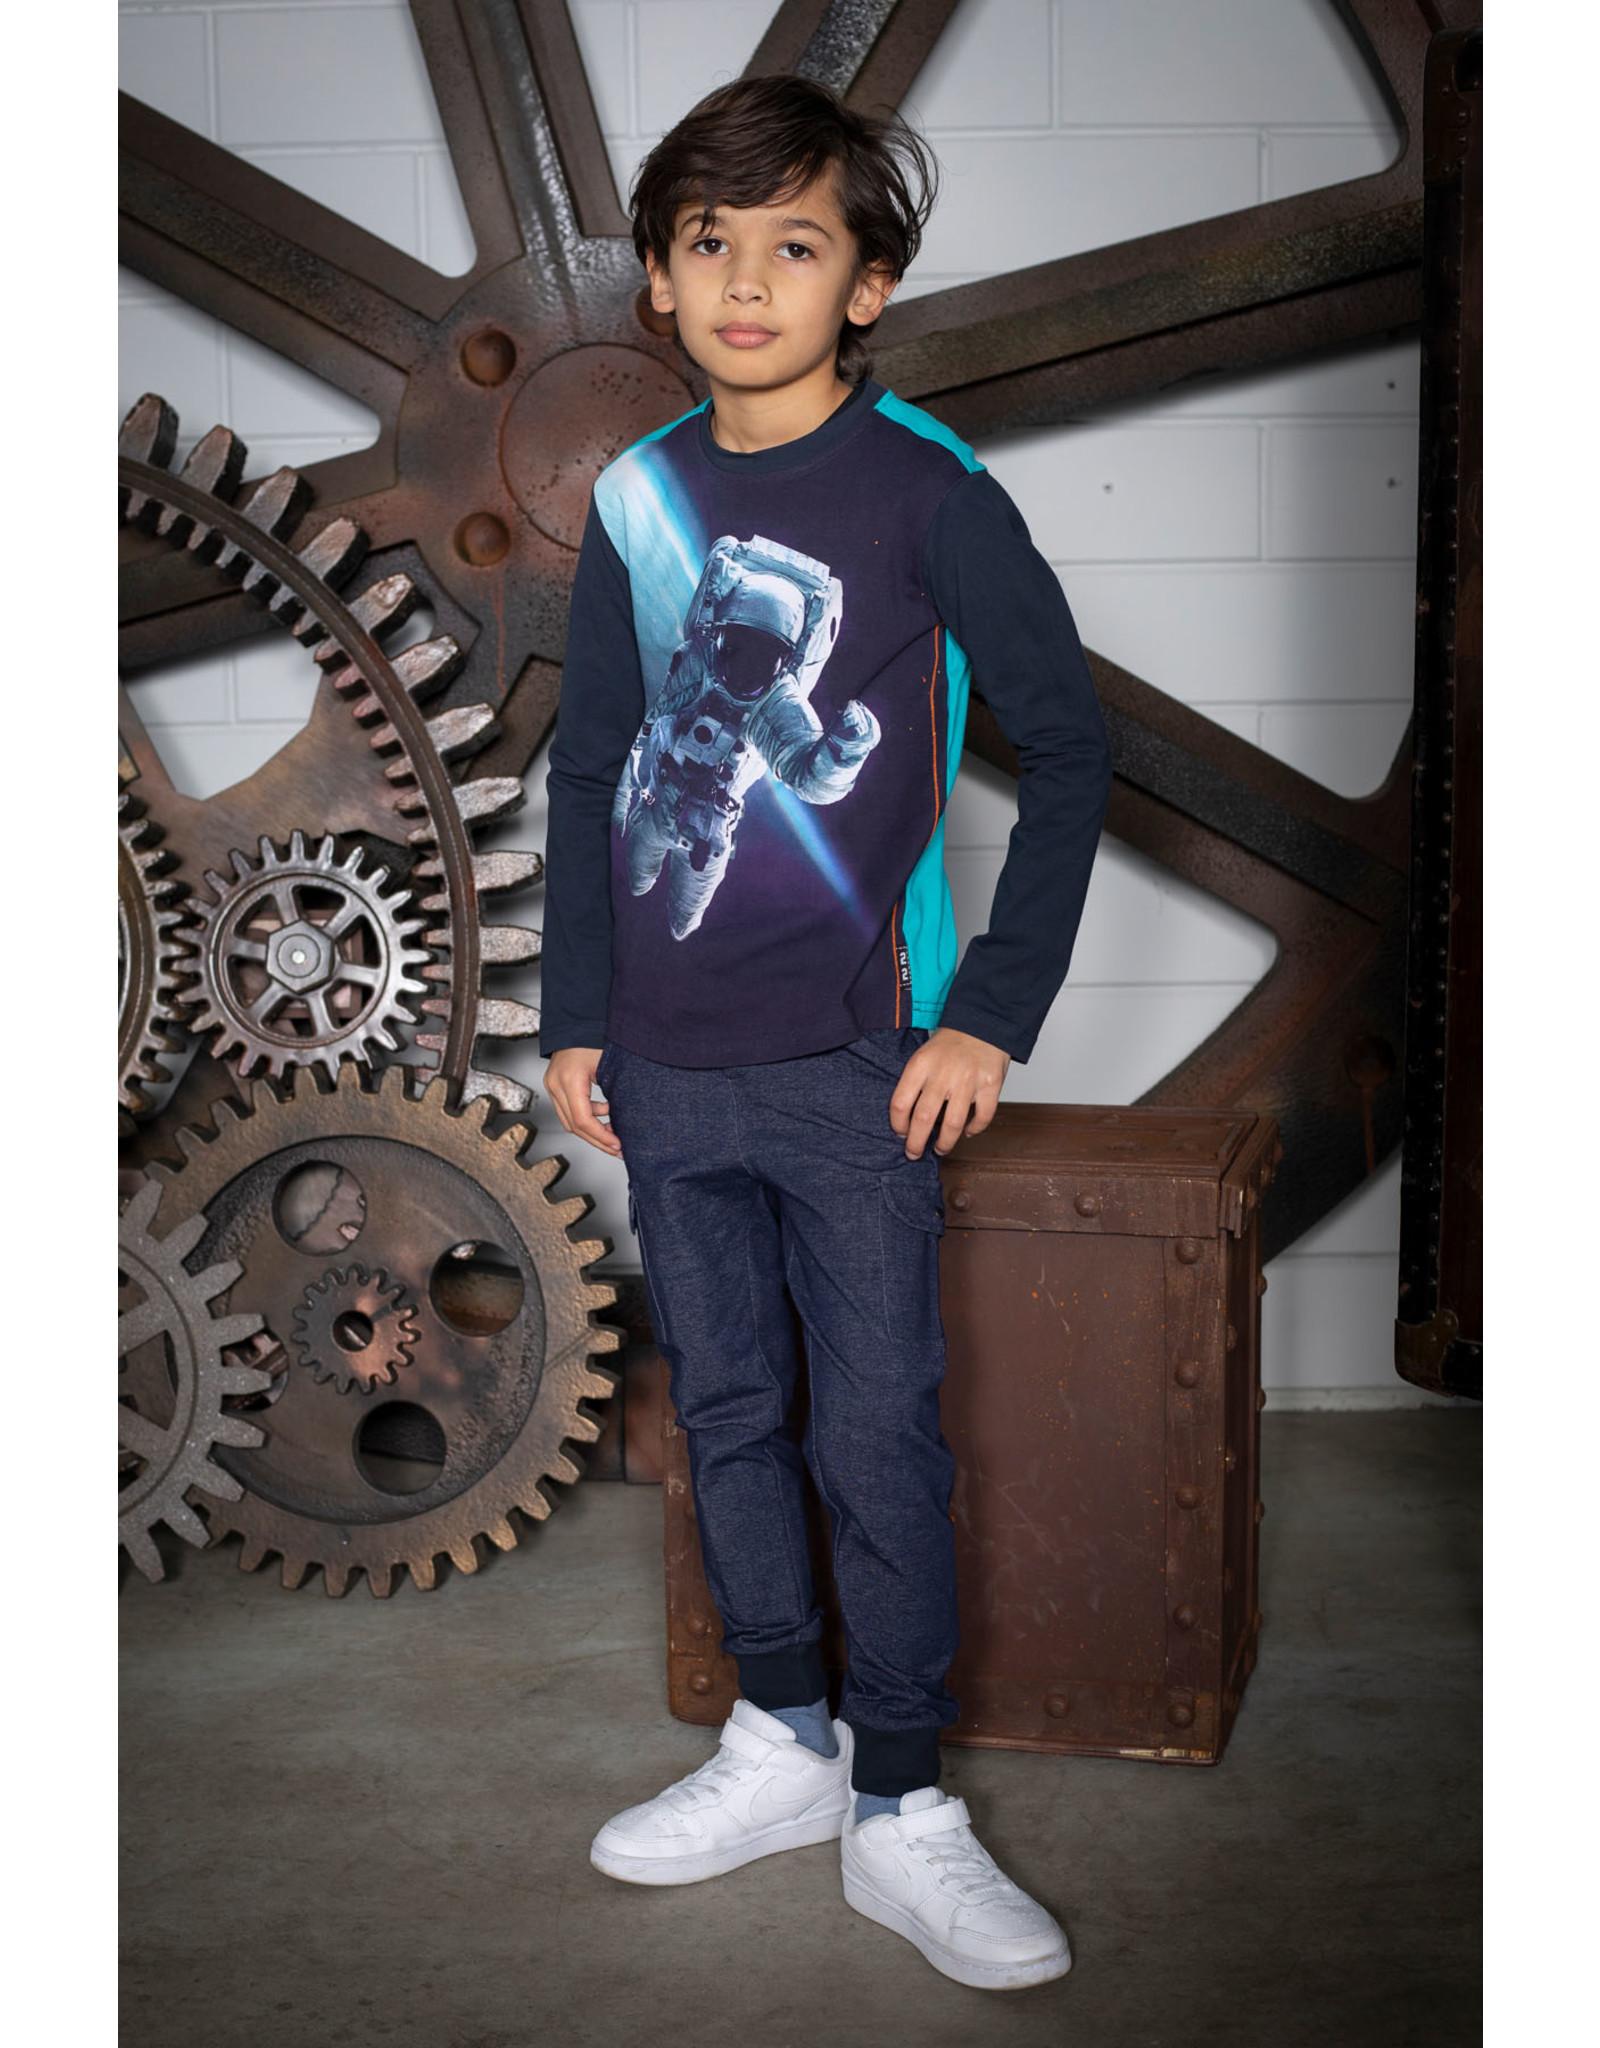 Legends Legends jongens shirt Siem Blue Tile